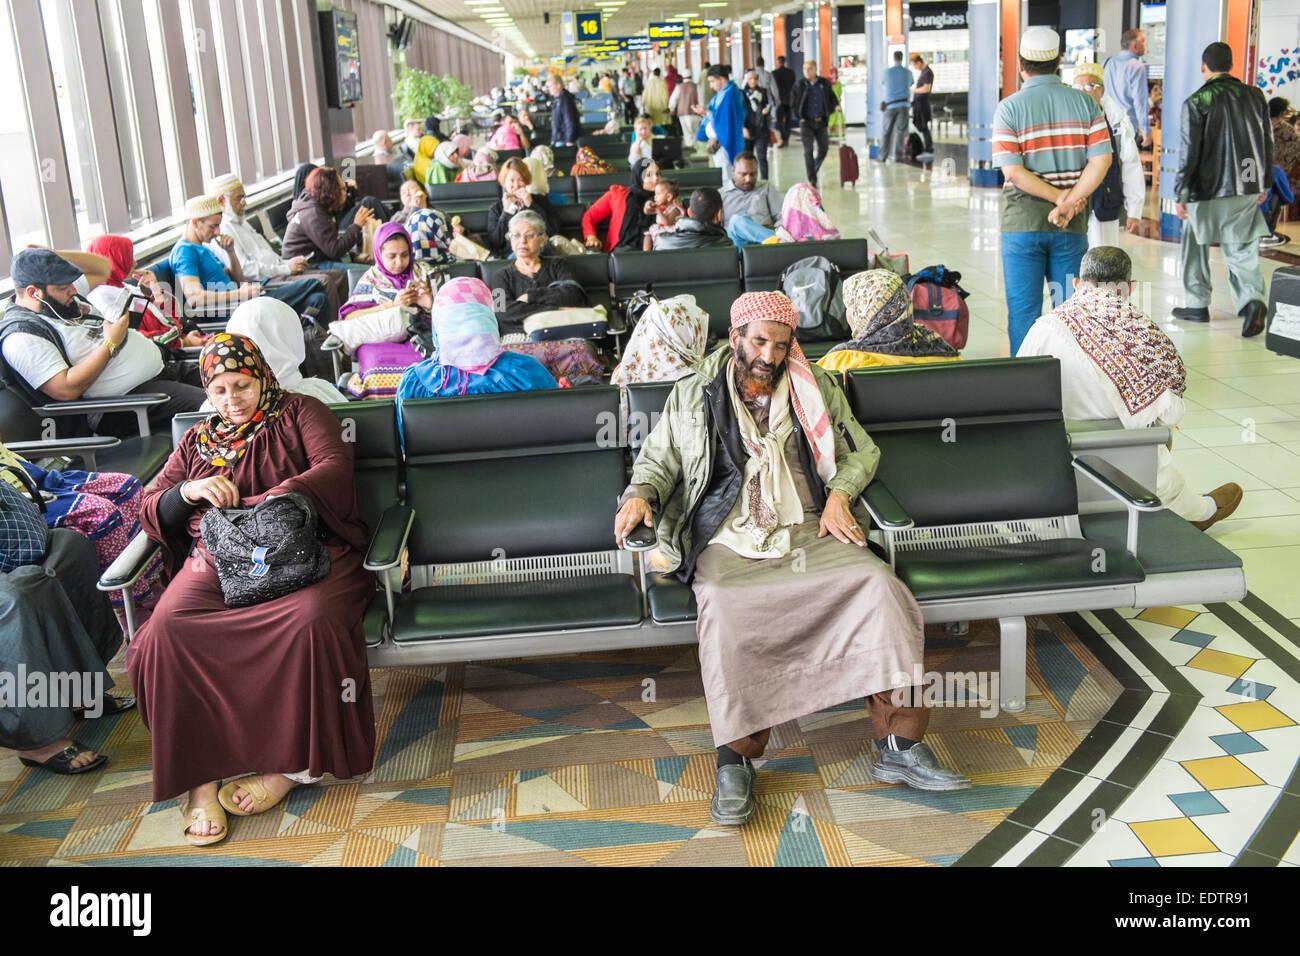 Aeroporto Internazionale di Bahrain, Bahrein, Medio Oriente Immagini Stock